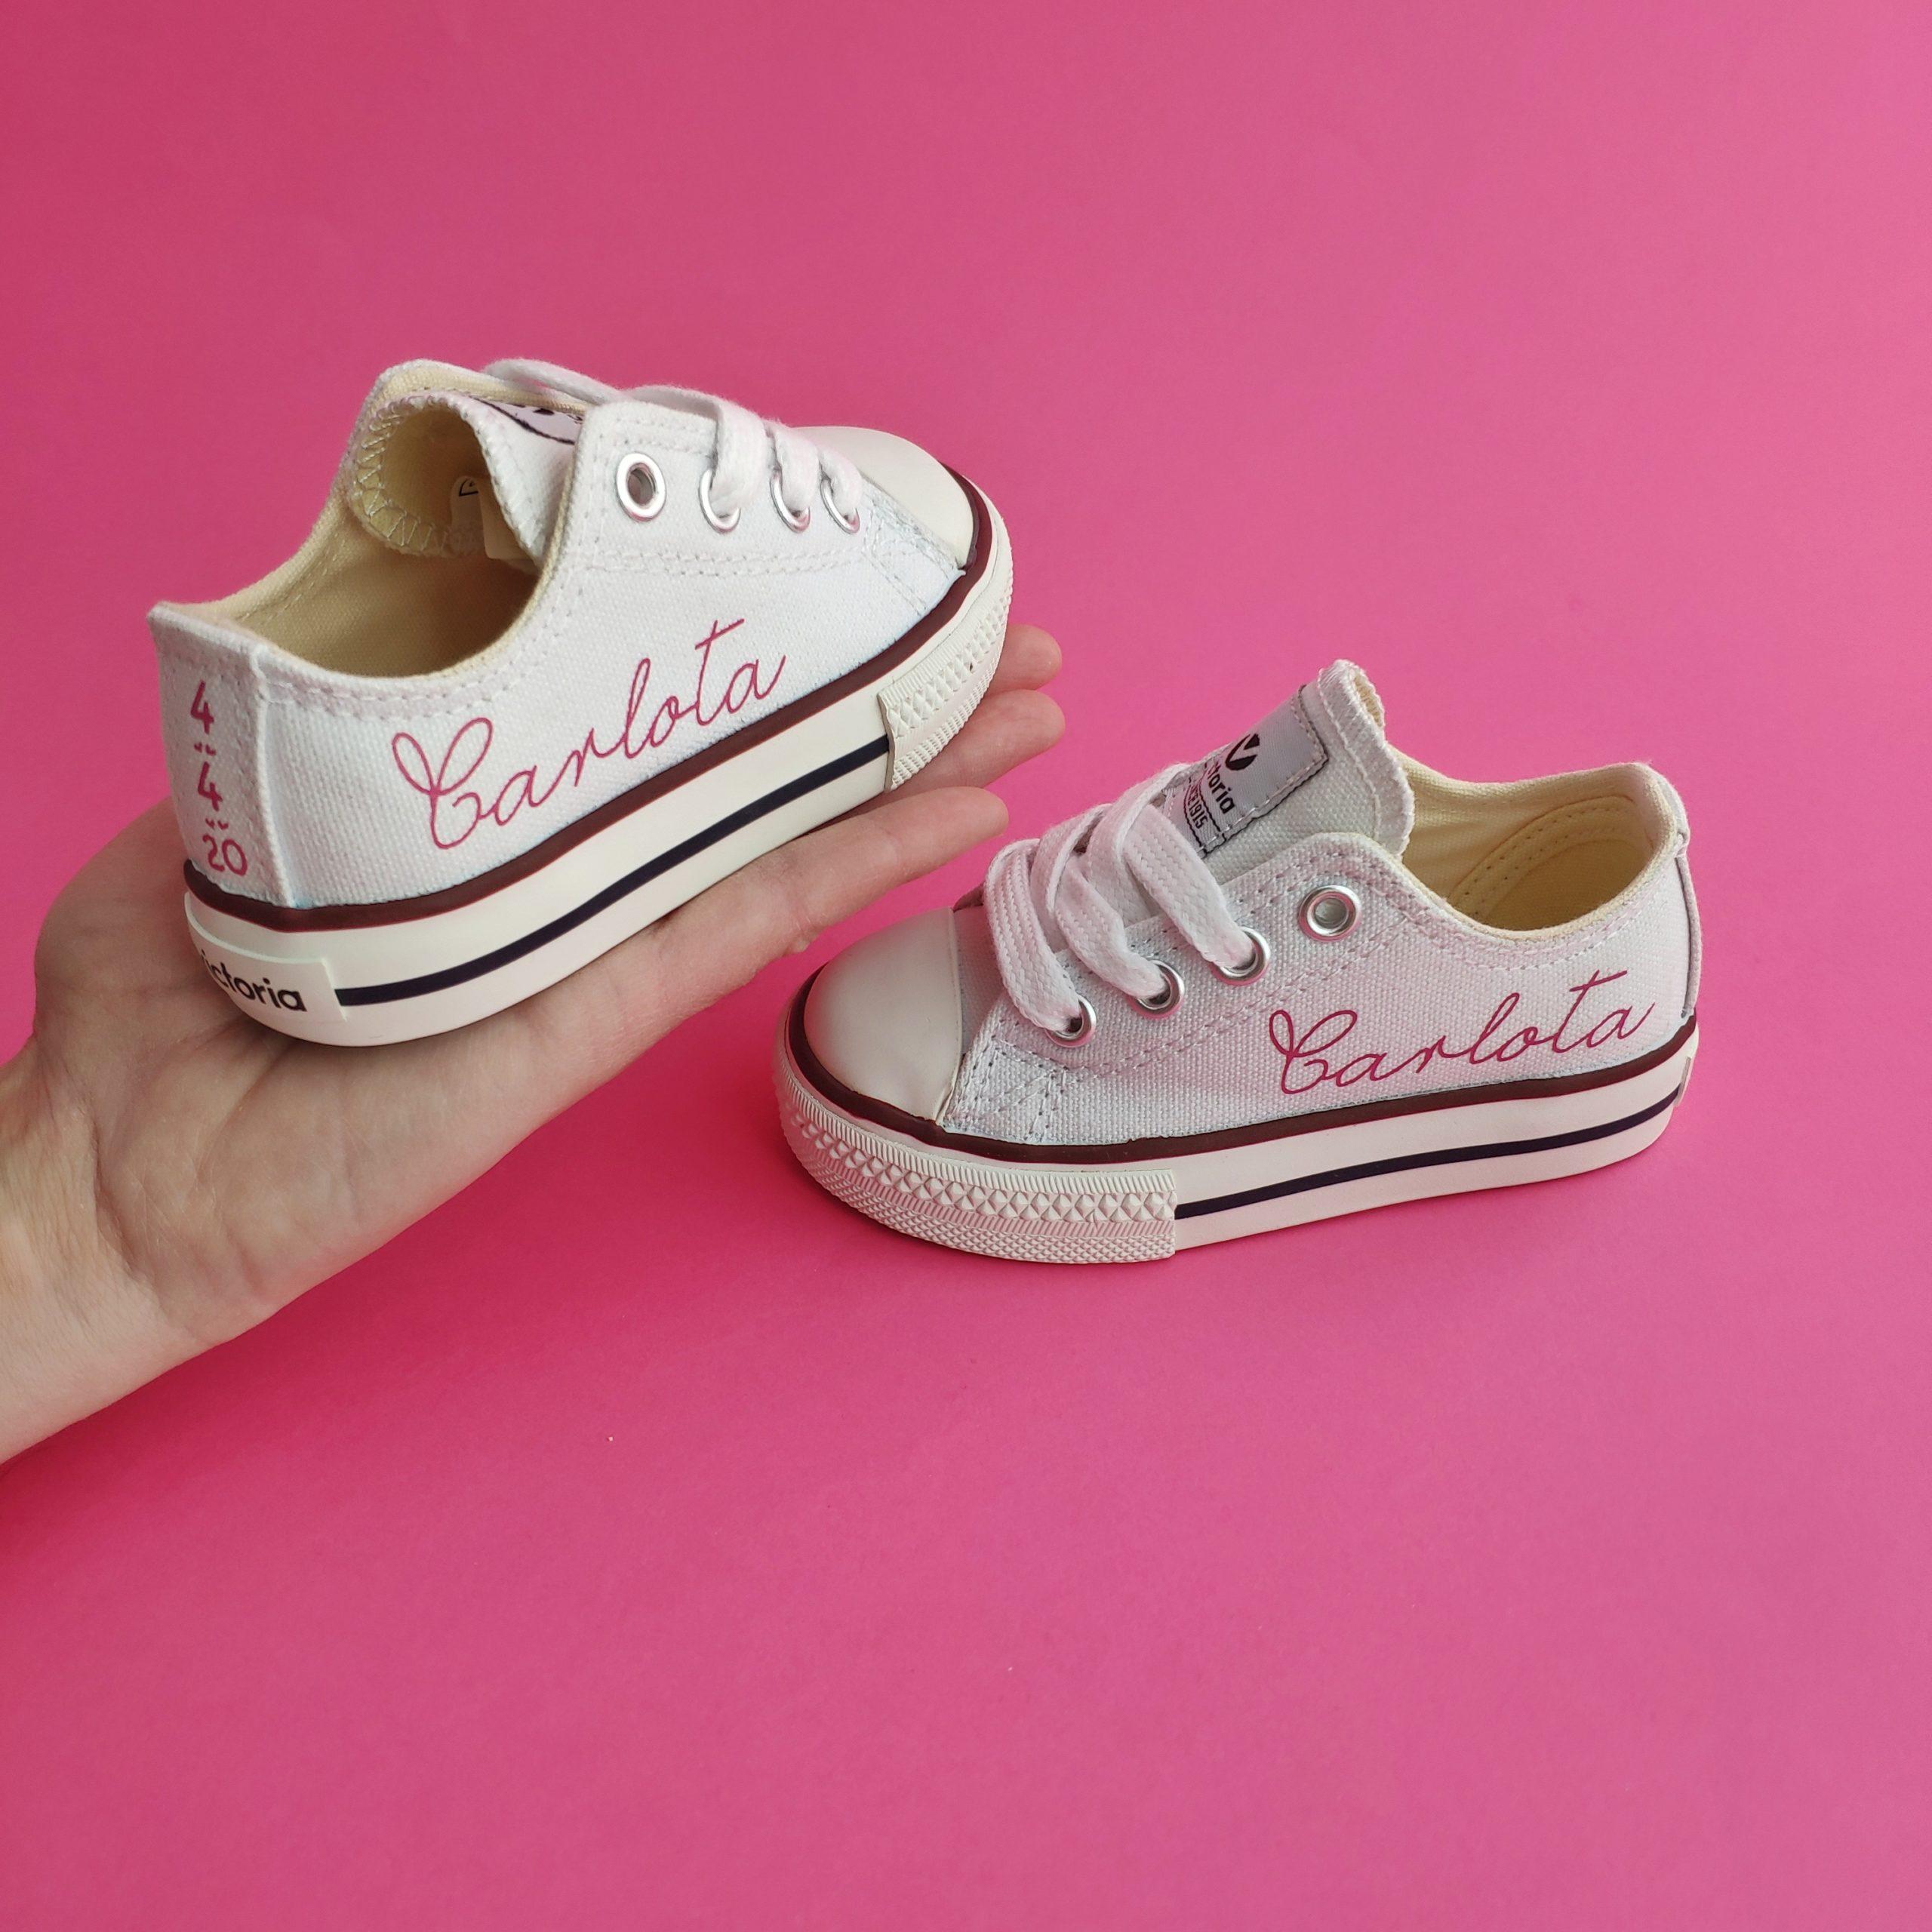 Zapatillas niños personalizadas blancas